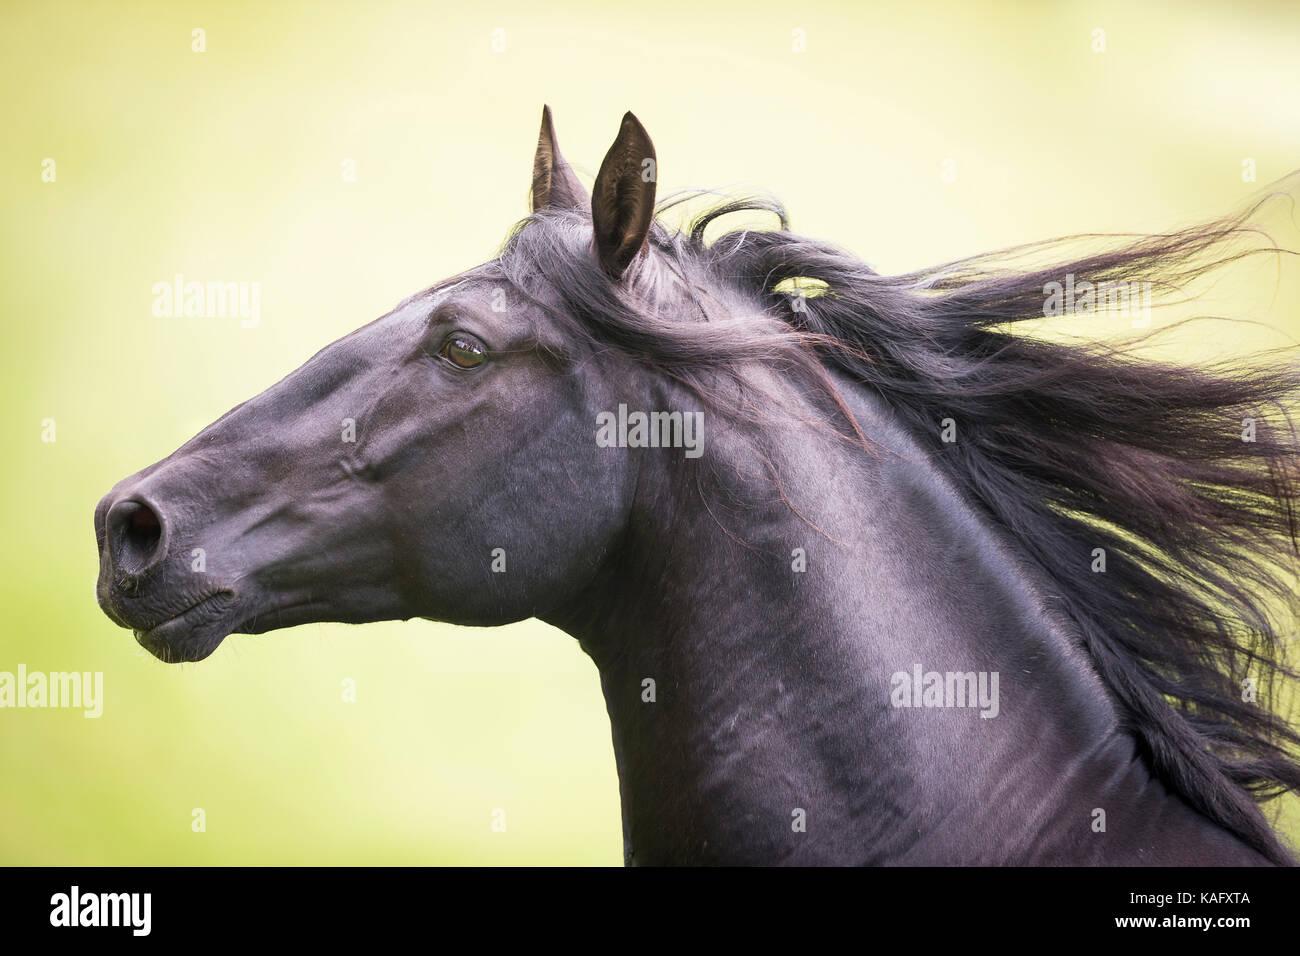 Reine Spanische Pferd, Andalusische. Schwarzer Hengst Galopp auf einer Weide, Portrait. Österreich Stockbild